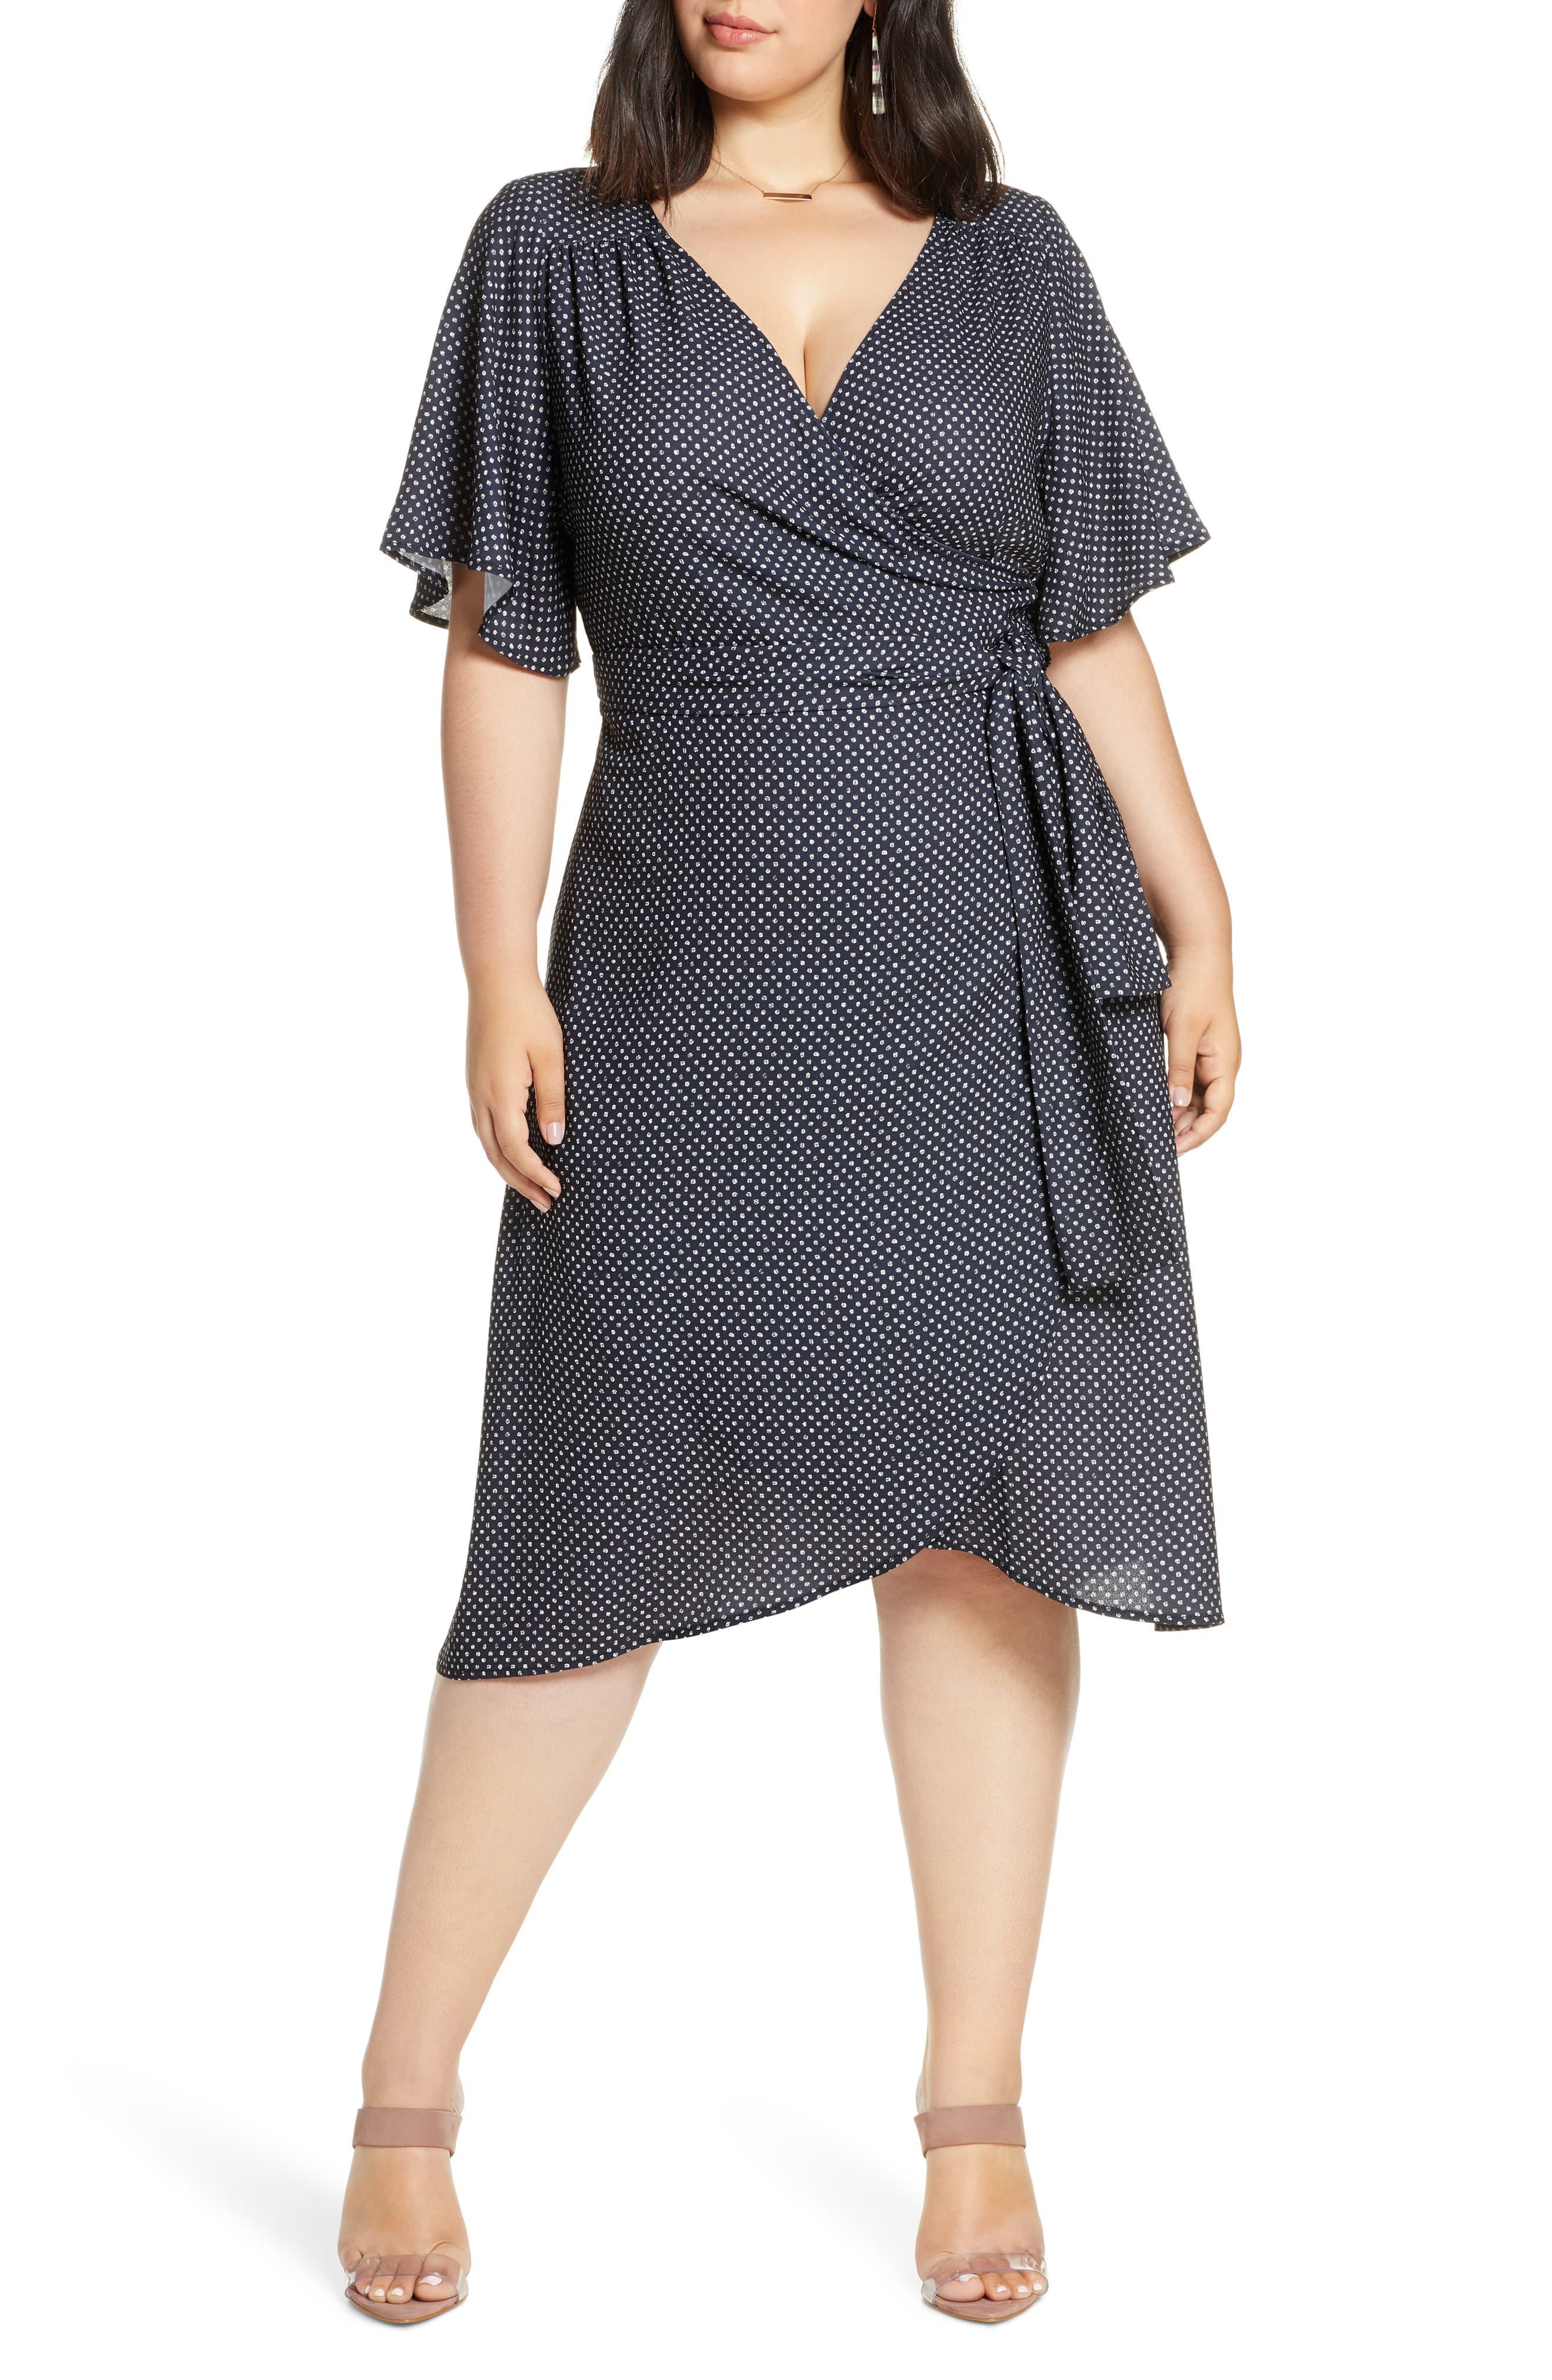 Halogen Faux Wrap Dress Plus Size In 2020 Dresses Two Piece Dress Plus Size Dresses